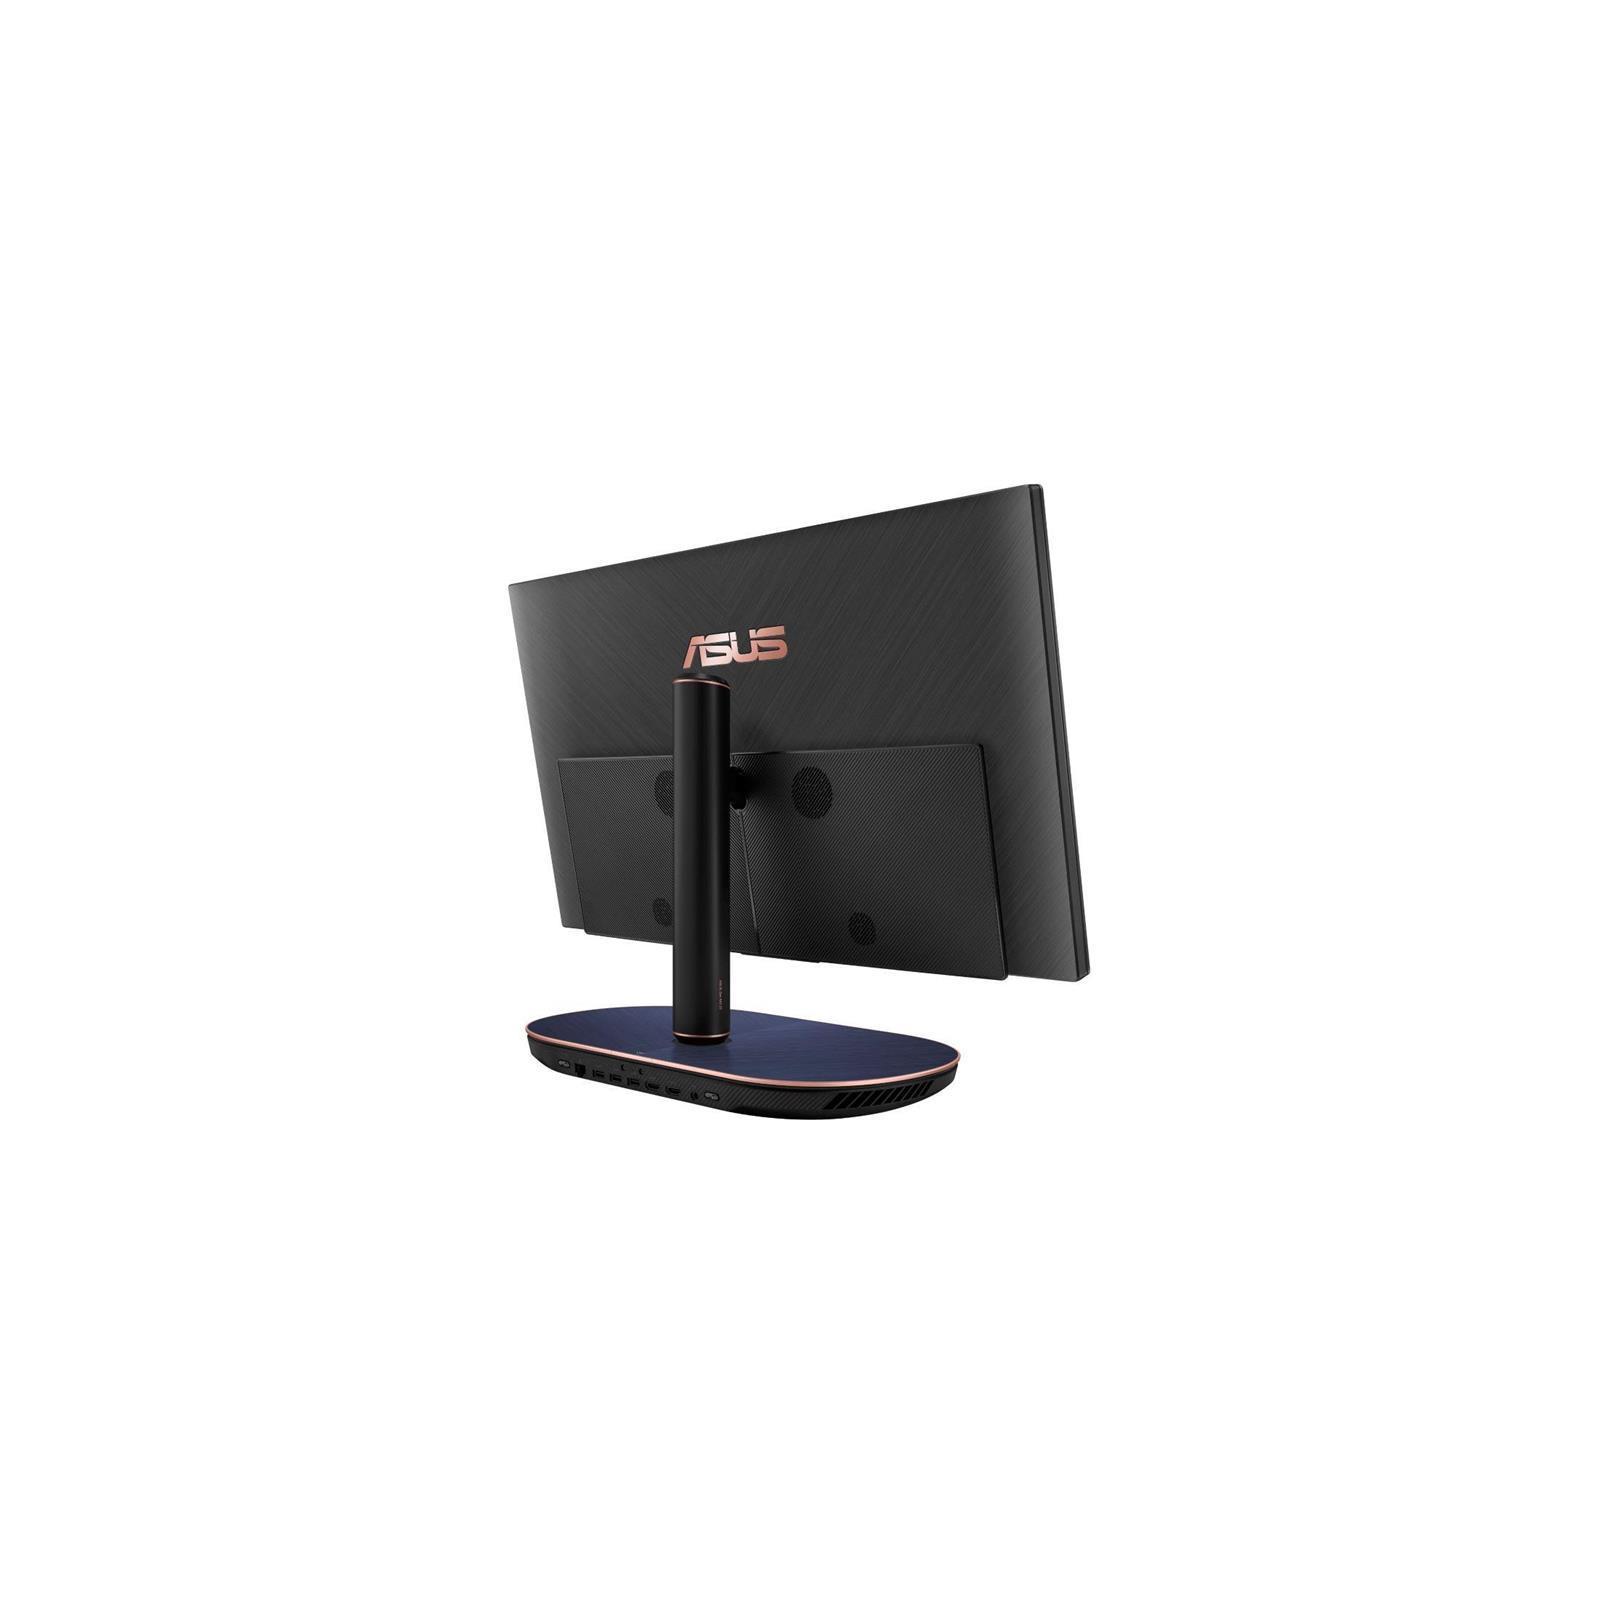 Компьютер ASUS Z272SDT-BA049T (90PT0281-M01420) изображение 6